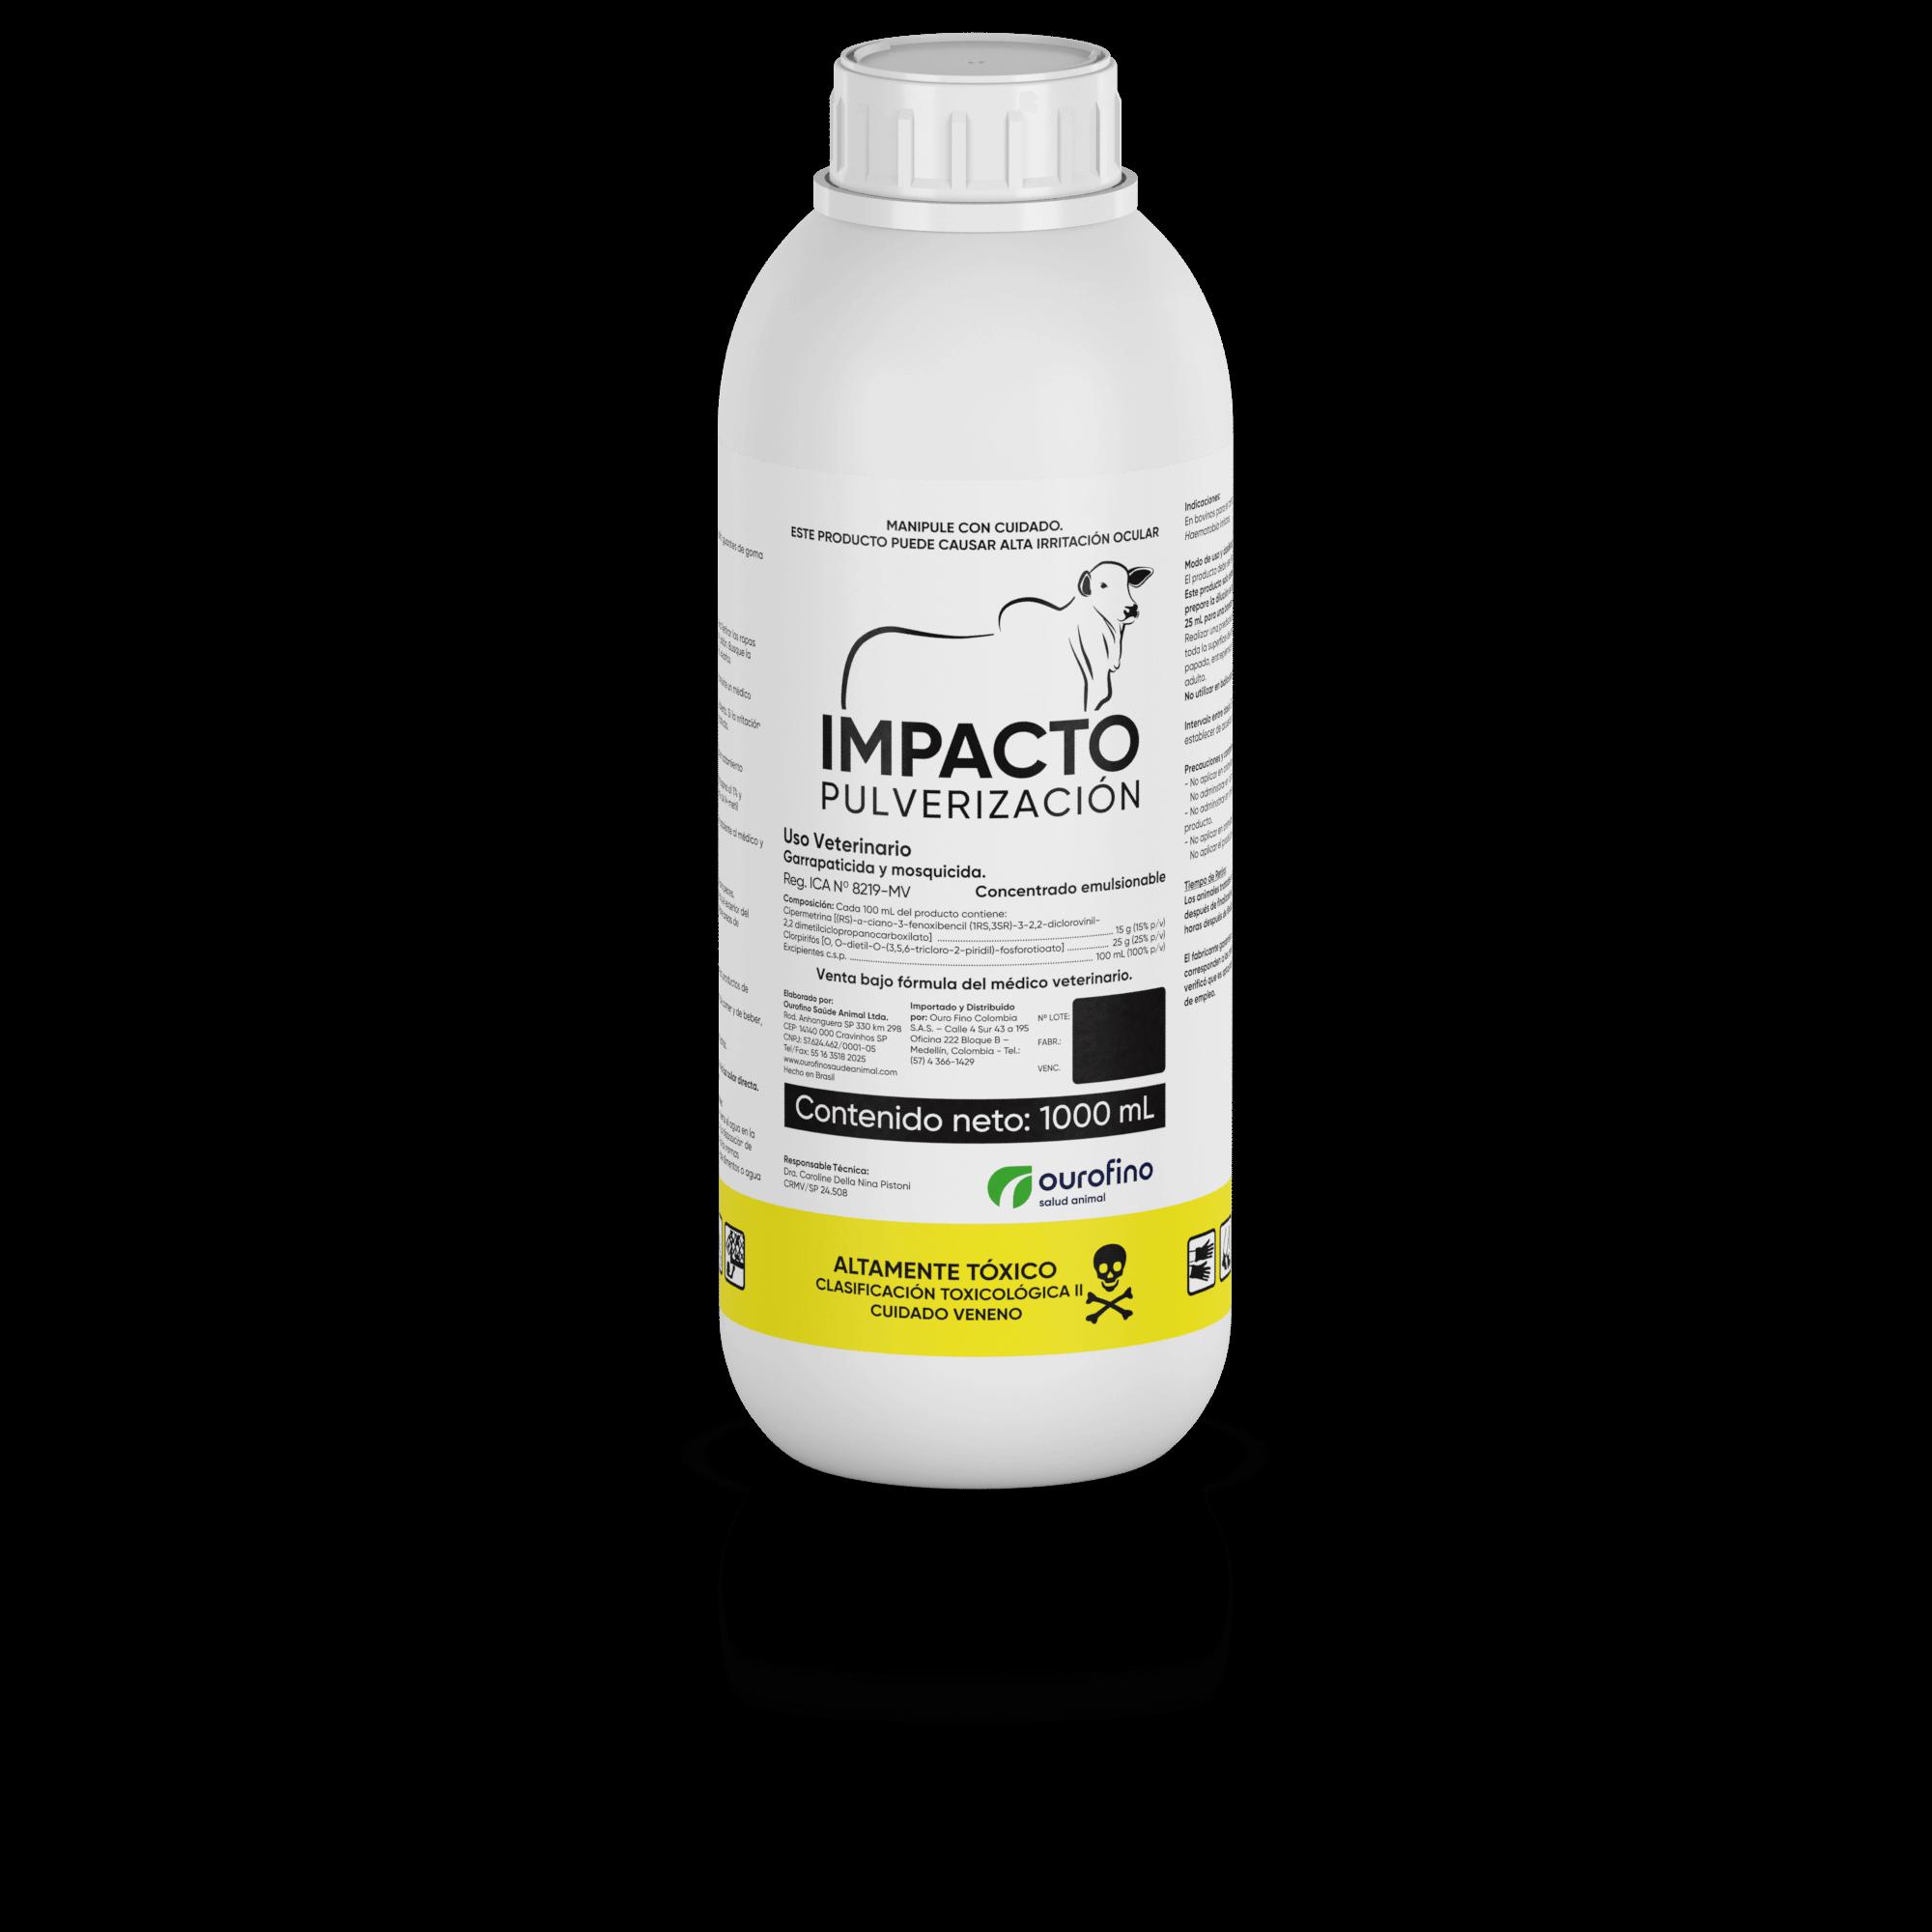 Ectoparasiticida impacto pulverizacion x 1000 ml